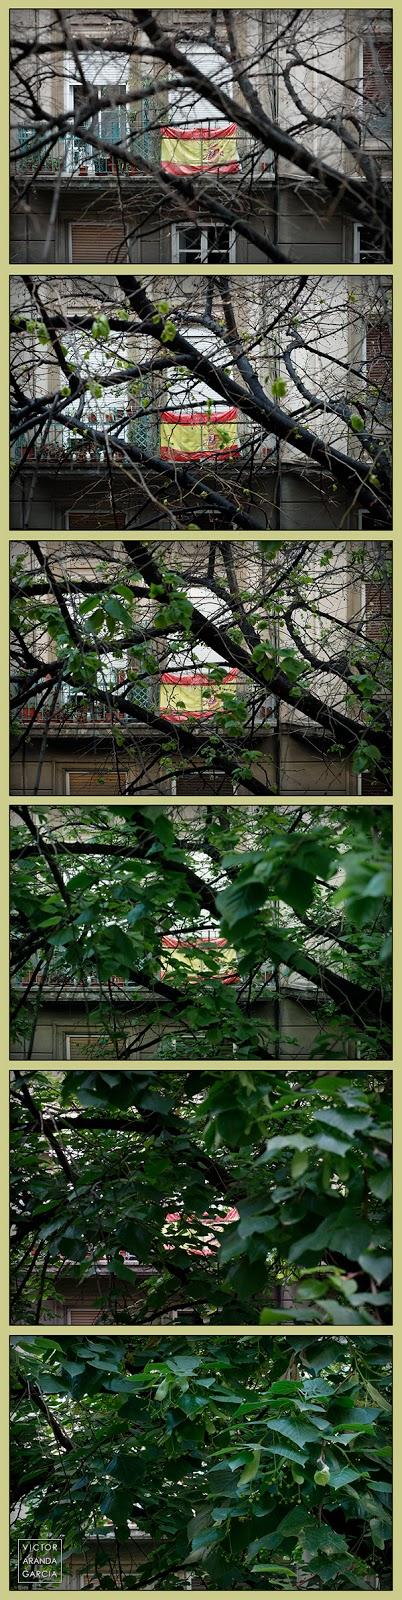 fotos,bandera,naturaleza,hojas,primavera